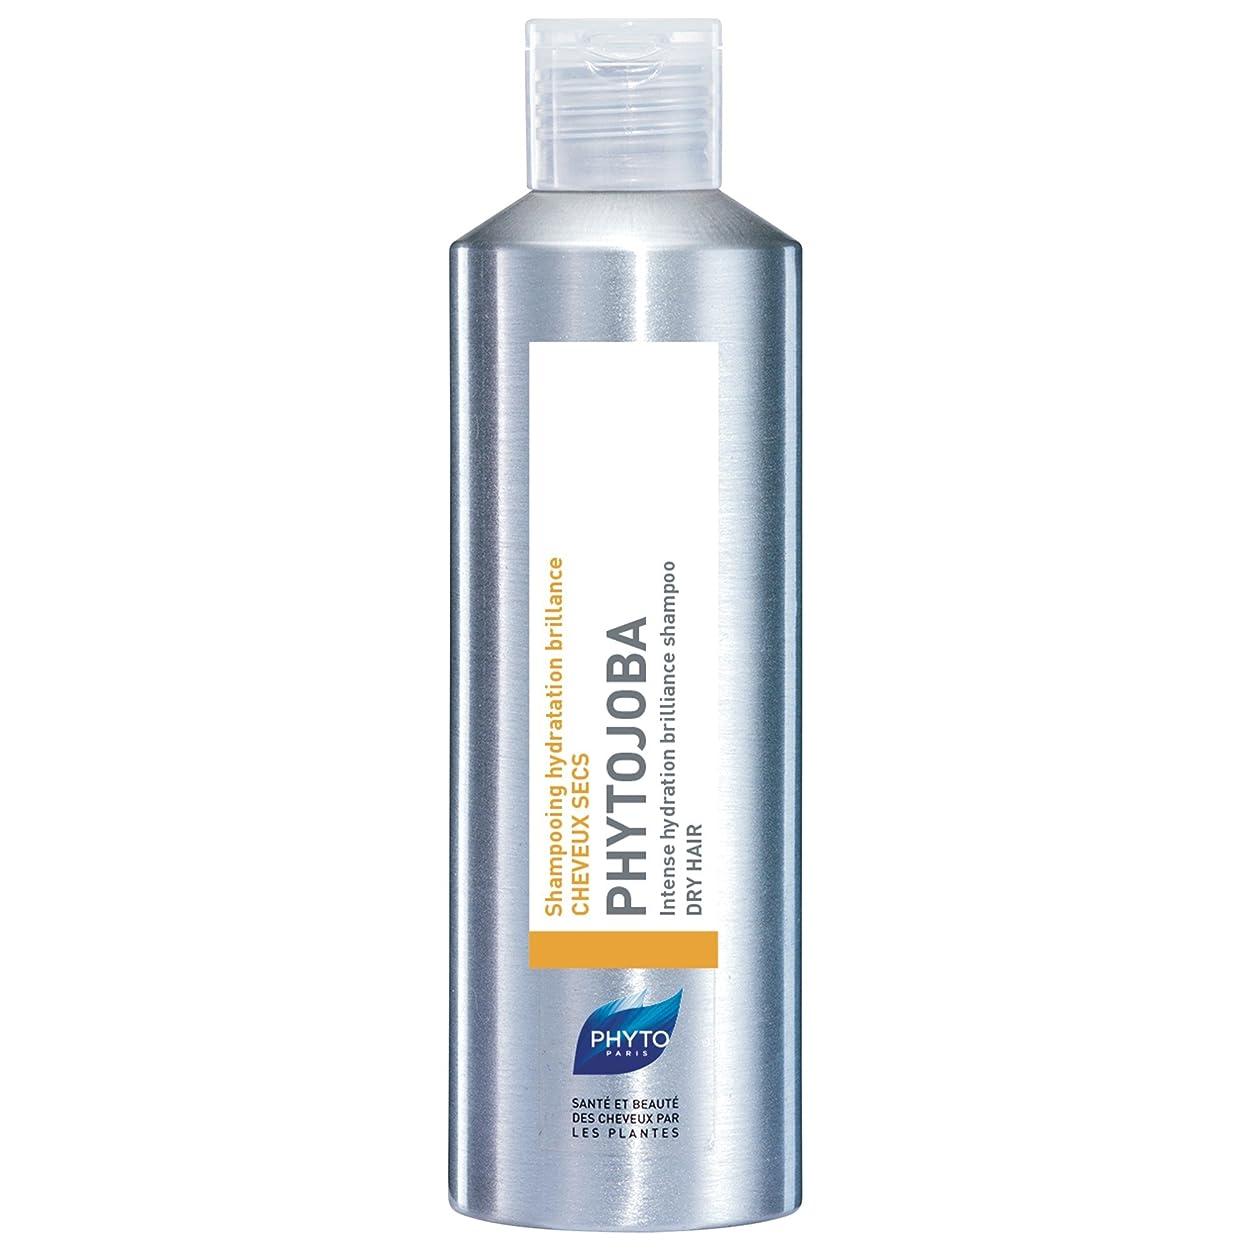 に向かって夜明けに服を洗うフィトPhytojoba水和シャンプー200ミリリットル (Phyto) (x2) - Phyto Phytojoba Hydrating Shampoo 200ml (Pack of 2) [並行輸入品]